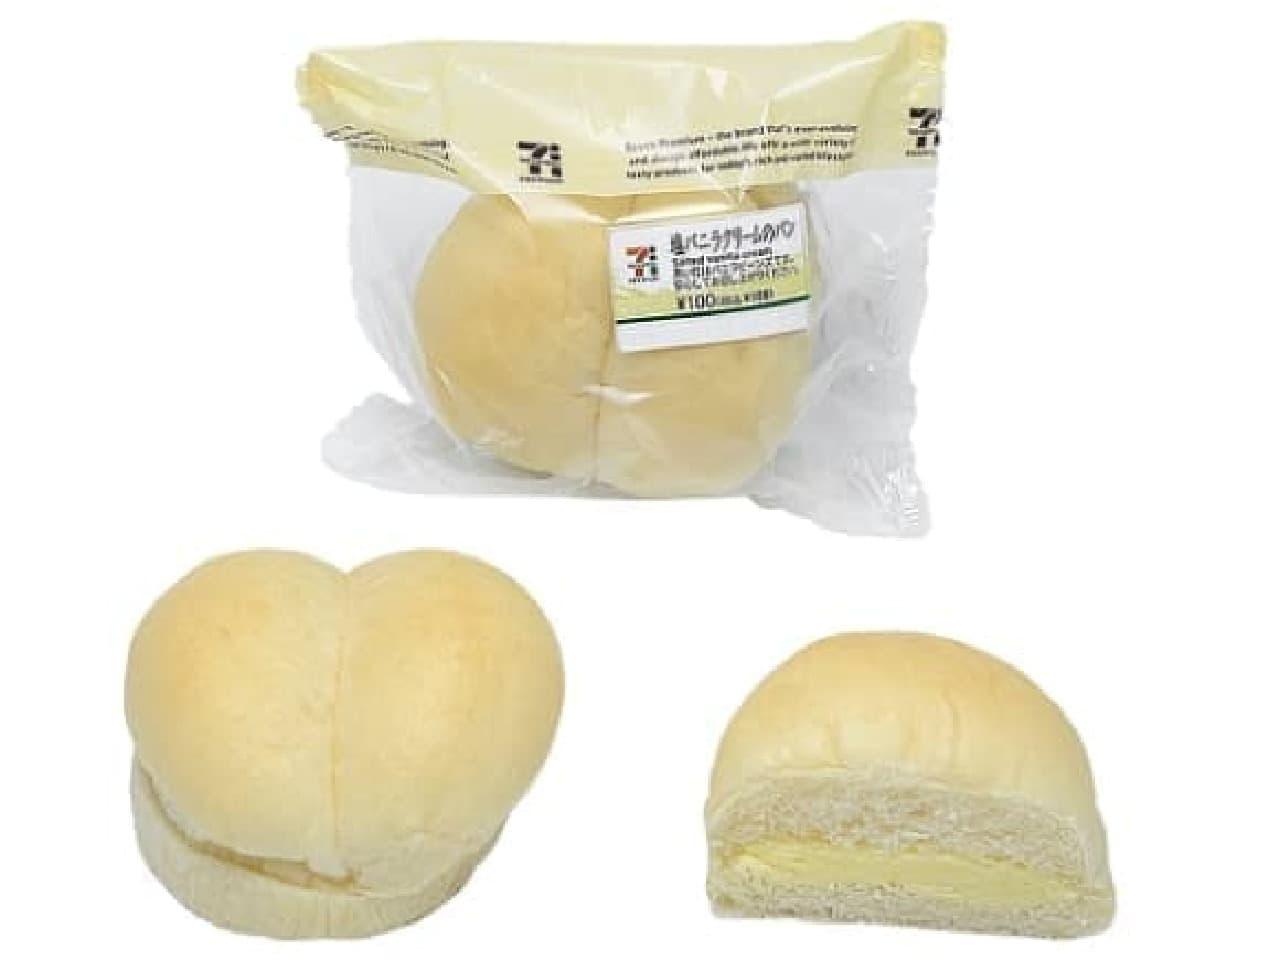 セブン-イレブン「塩バニラクリームのパン」